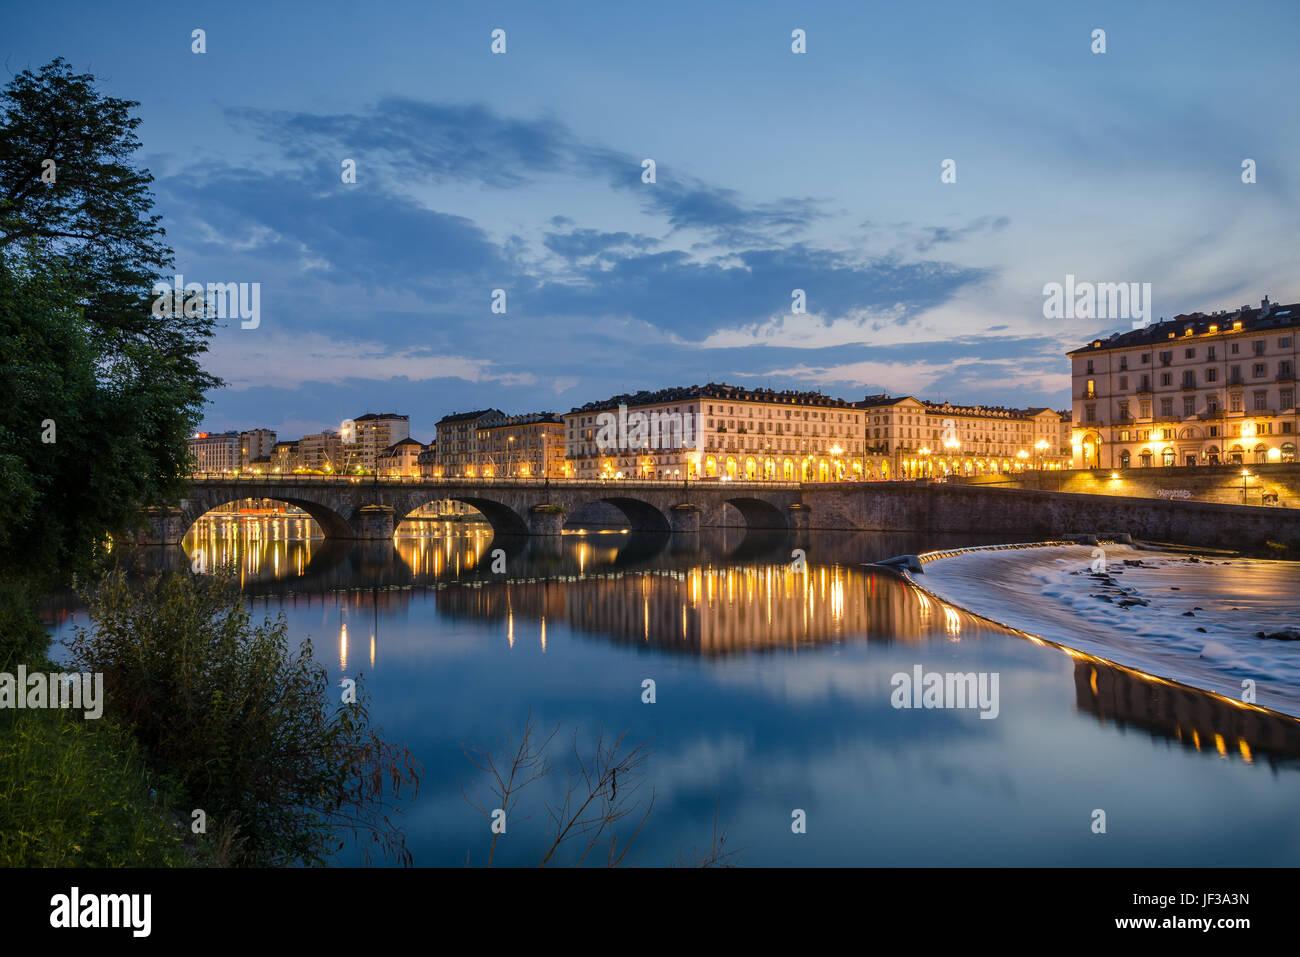 Torino vista panoramica del fiume Po e Piazza Vittorio con elegante architettura Foto Stock